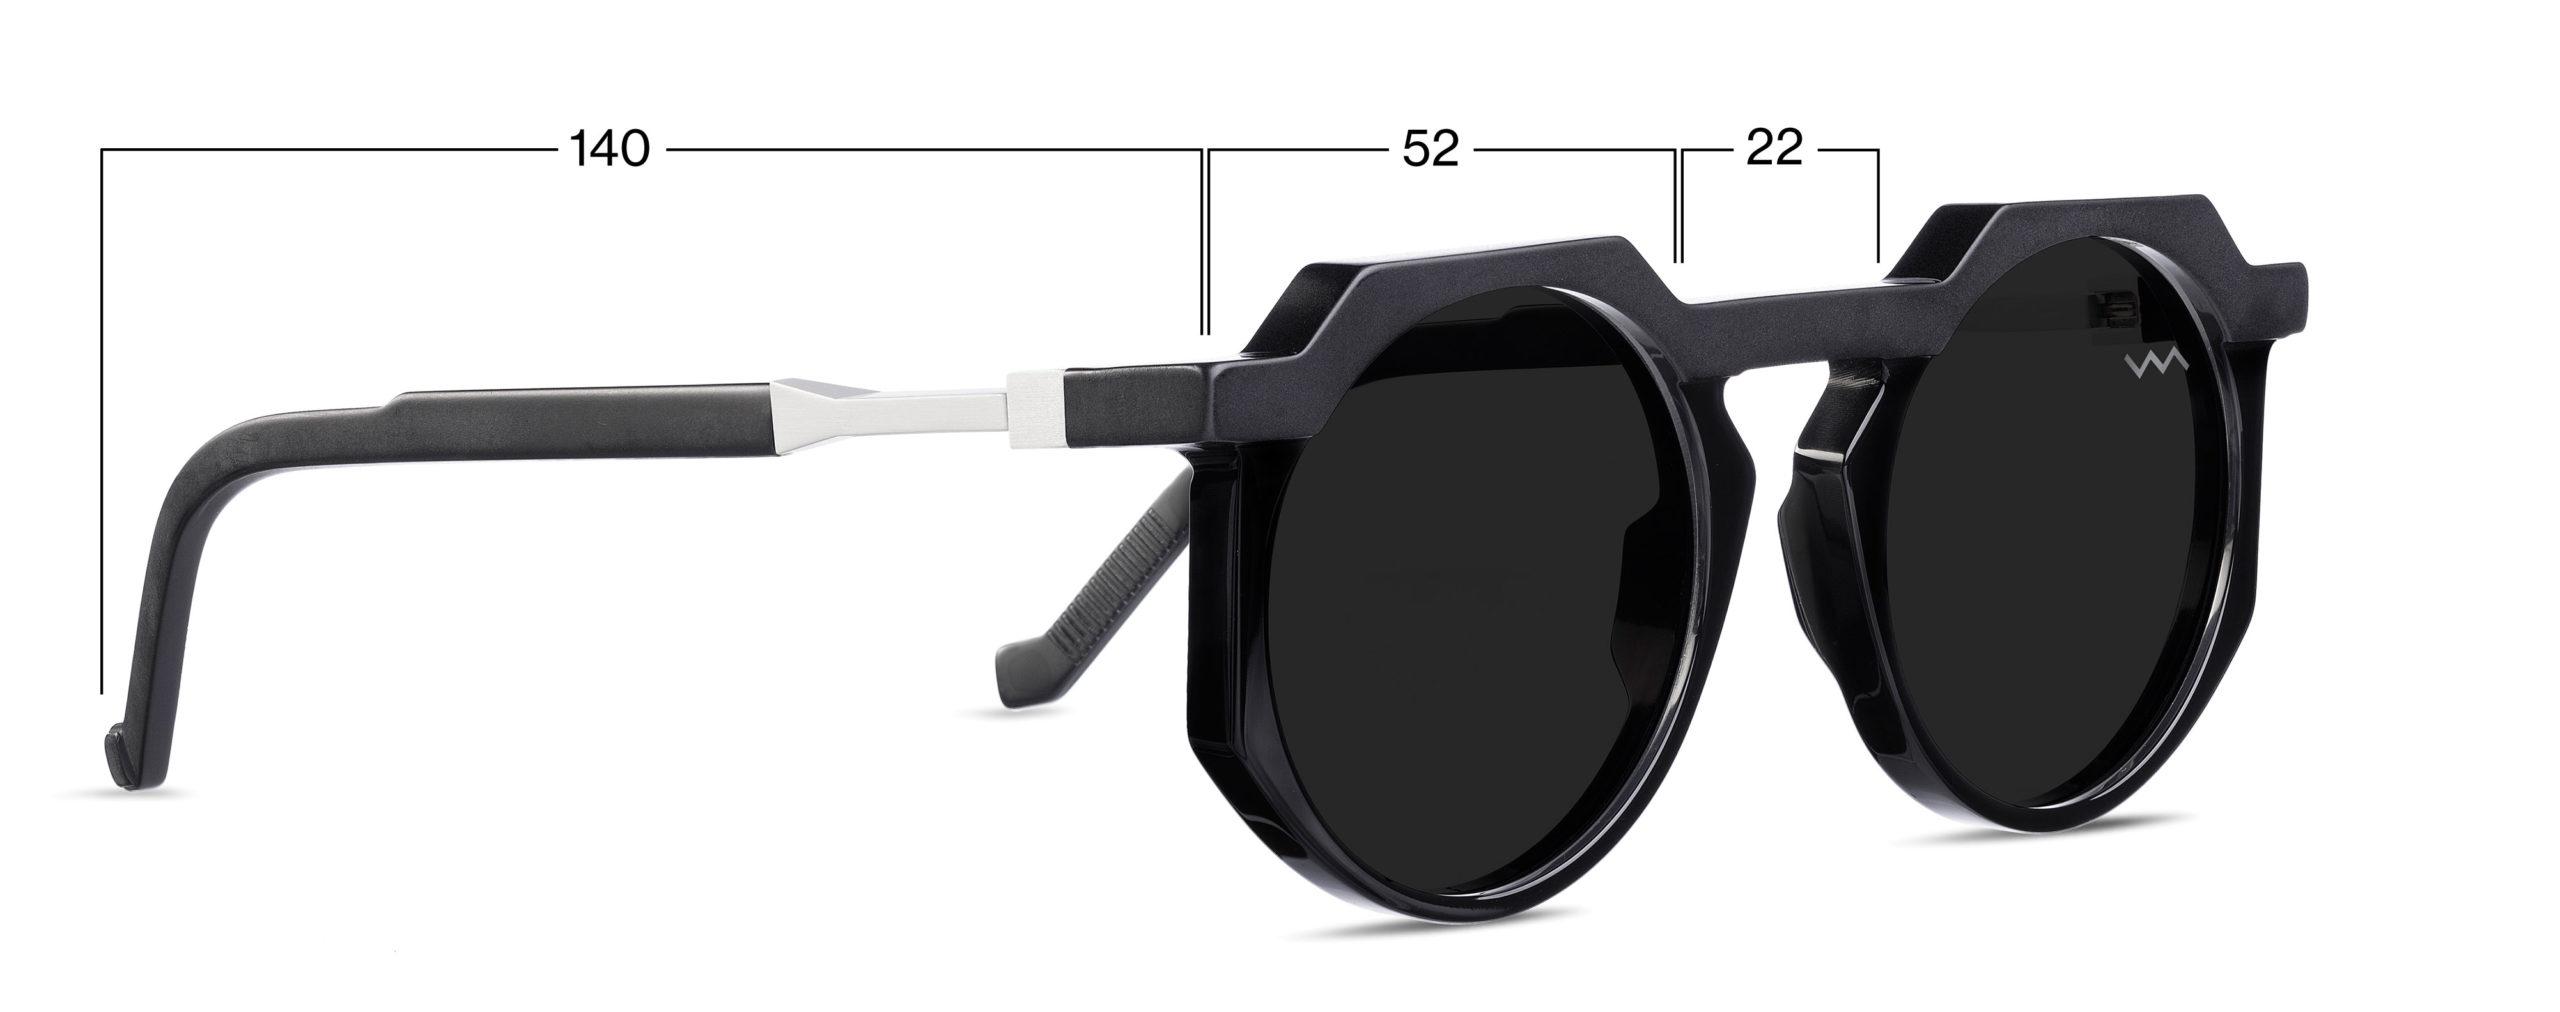 vava eyewear online shop wl0028 black